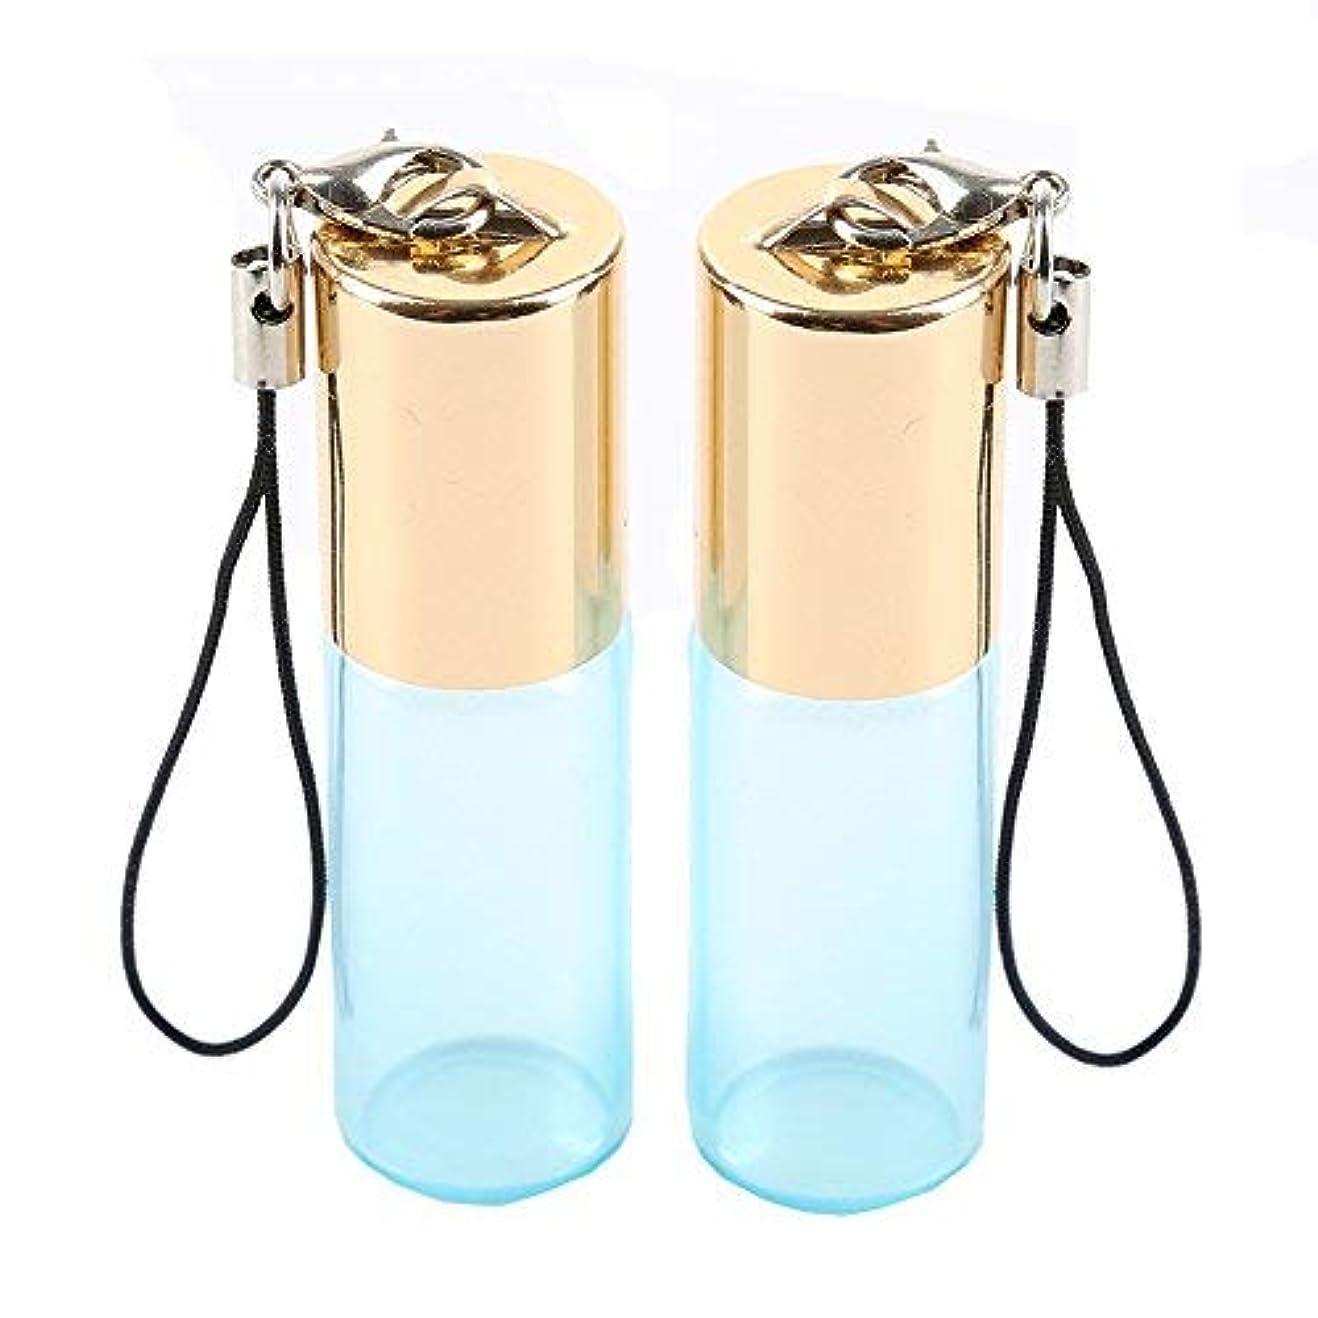 シュリンク想定トロイの木馬Empty Roller Bottles - Pack of 12 5ml Pearl Colored Glass Roll-on Bottles for Essential Oil Container with Golden...